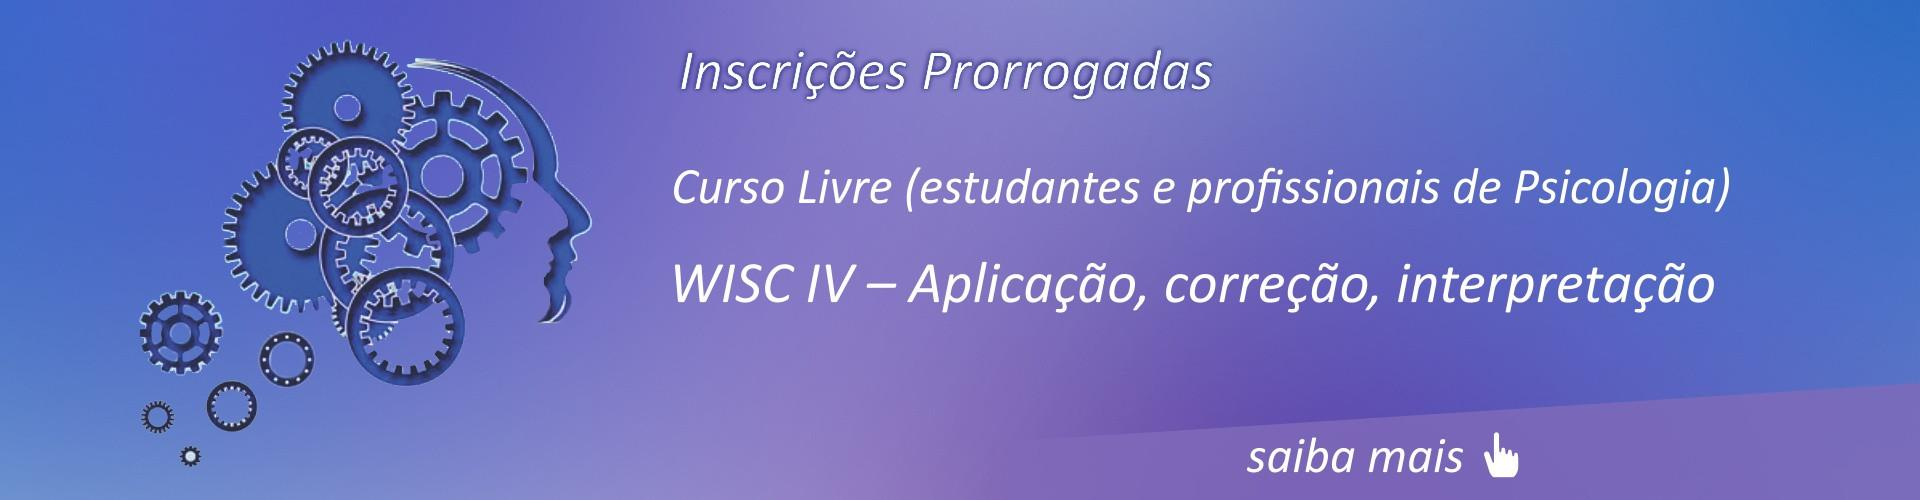 WISC IV – Aplicação, correção, interpretação